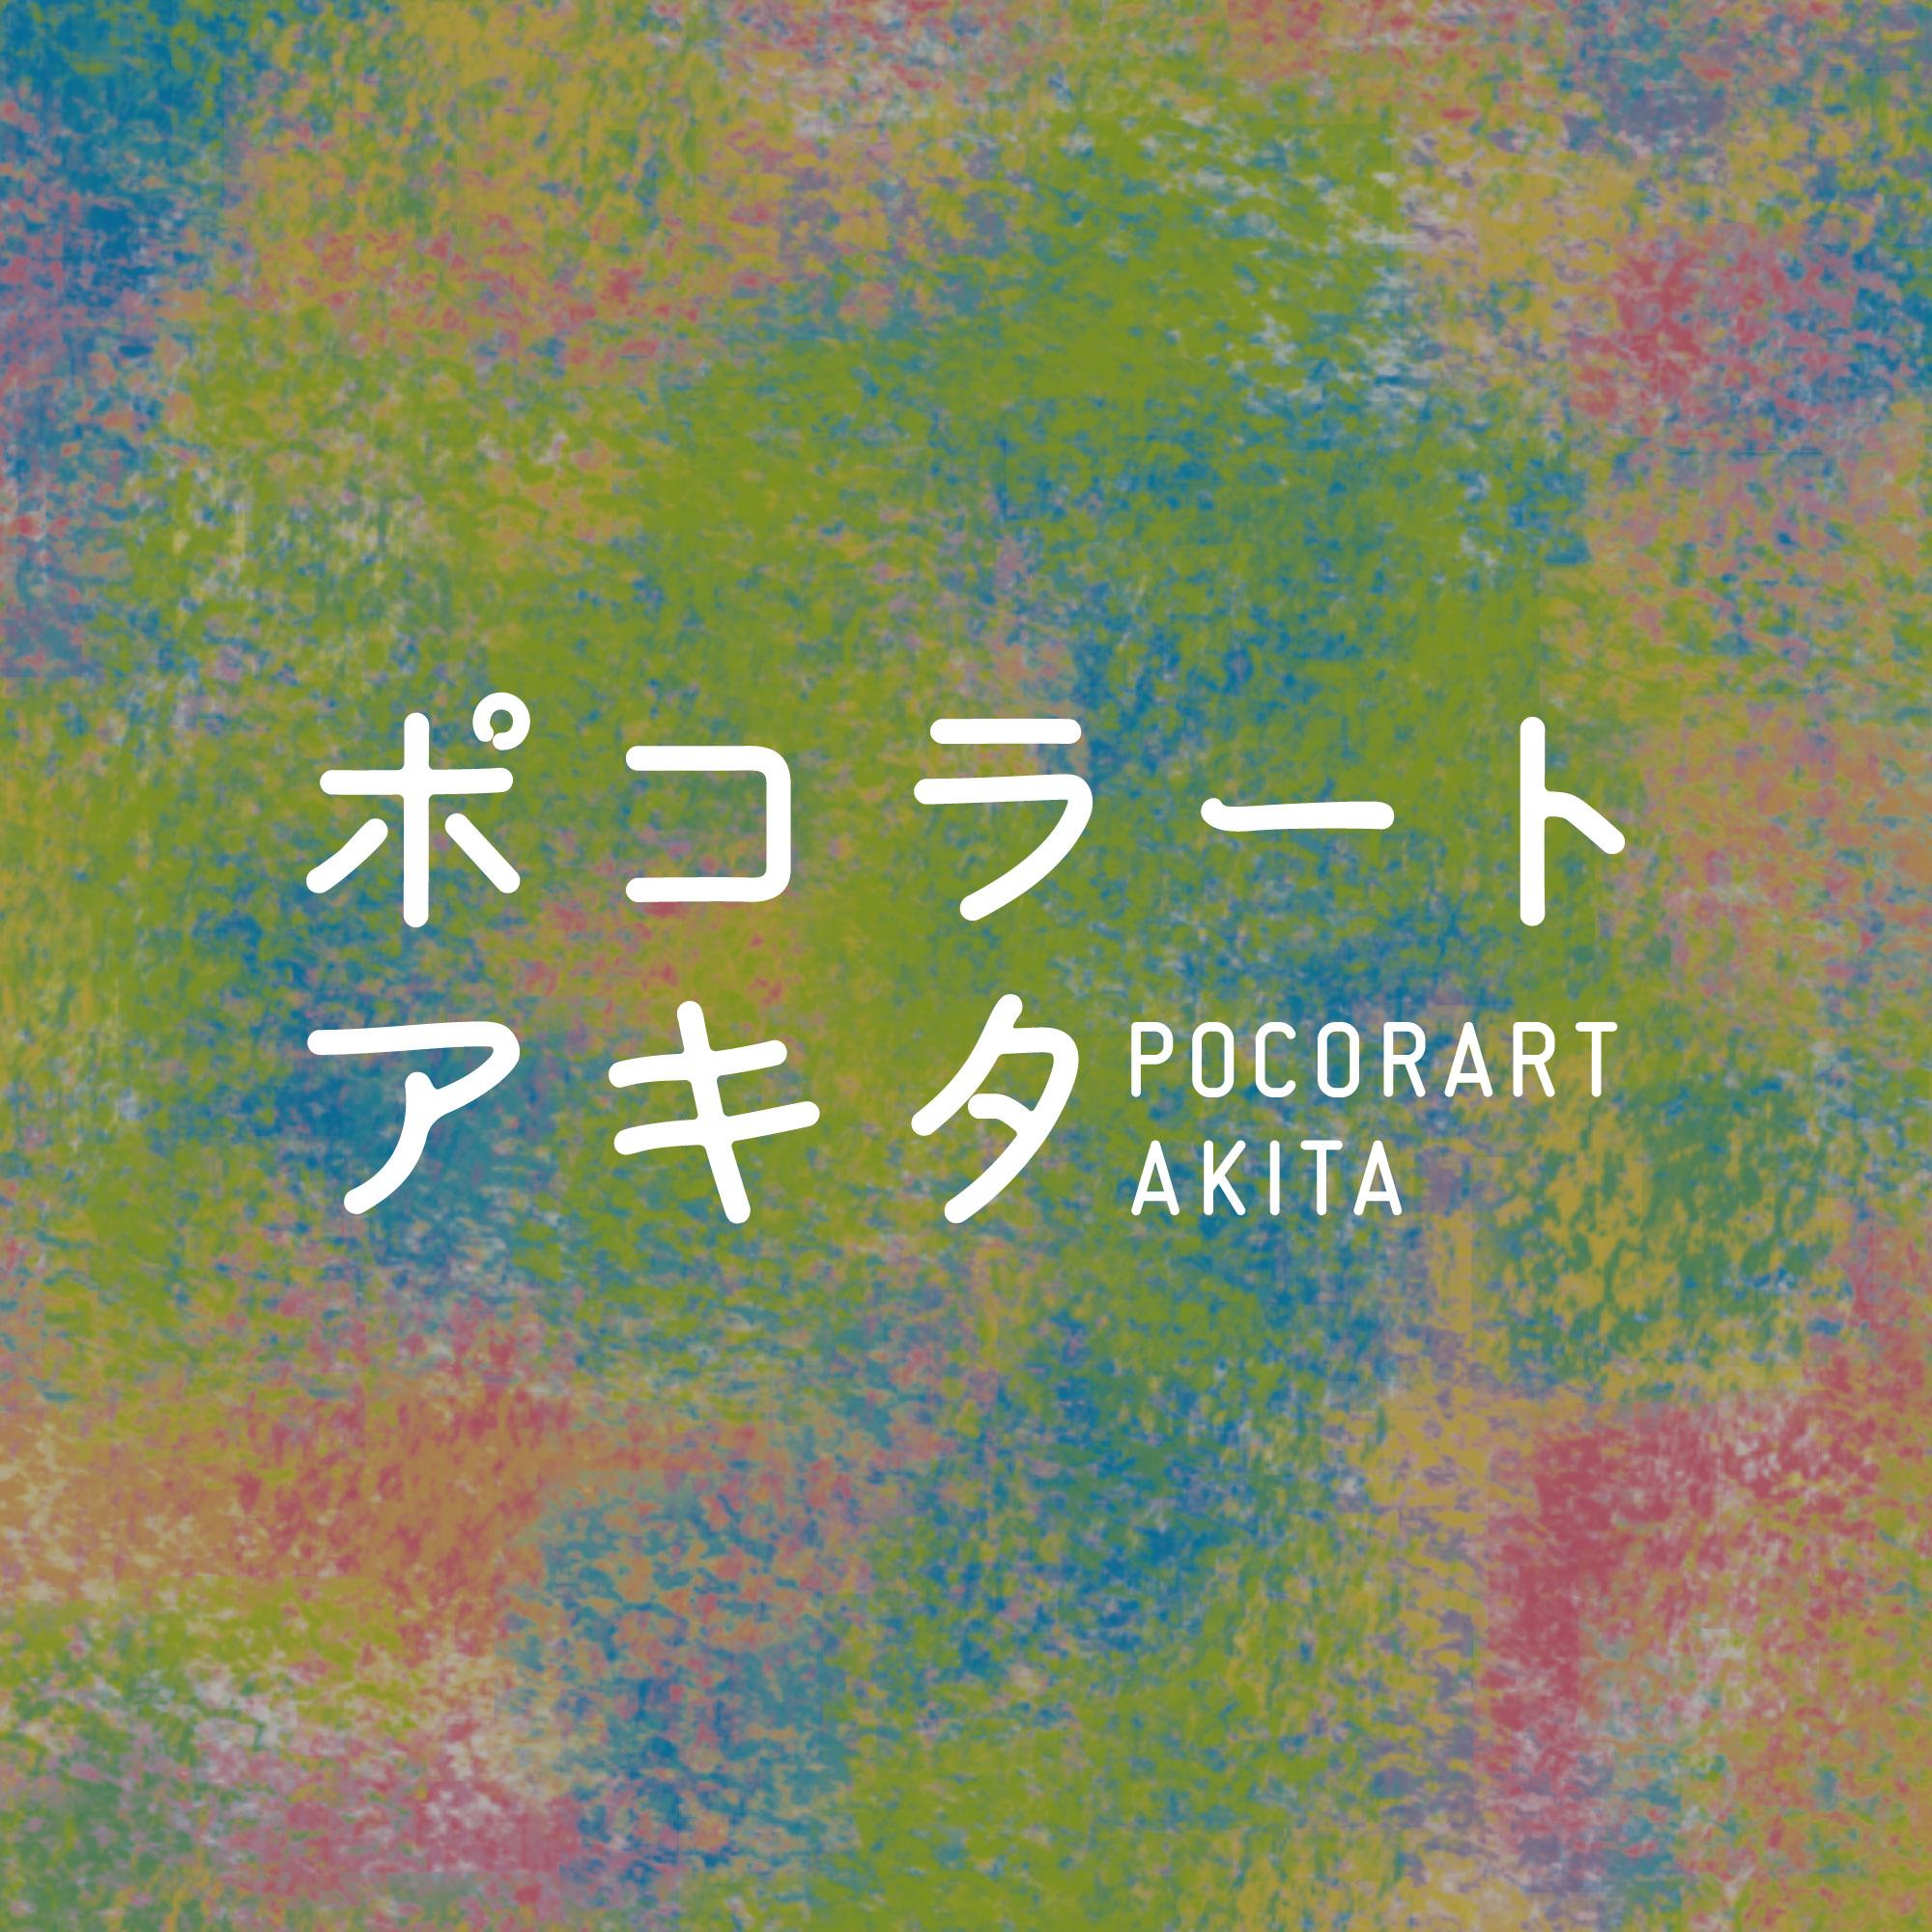 ポコラートアキタ ウェブサイト